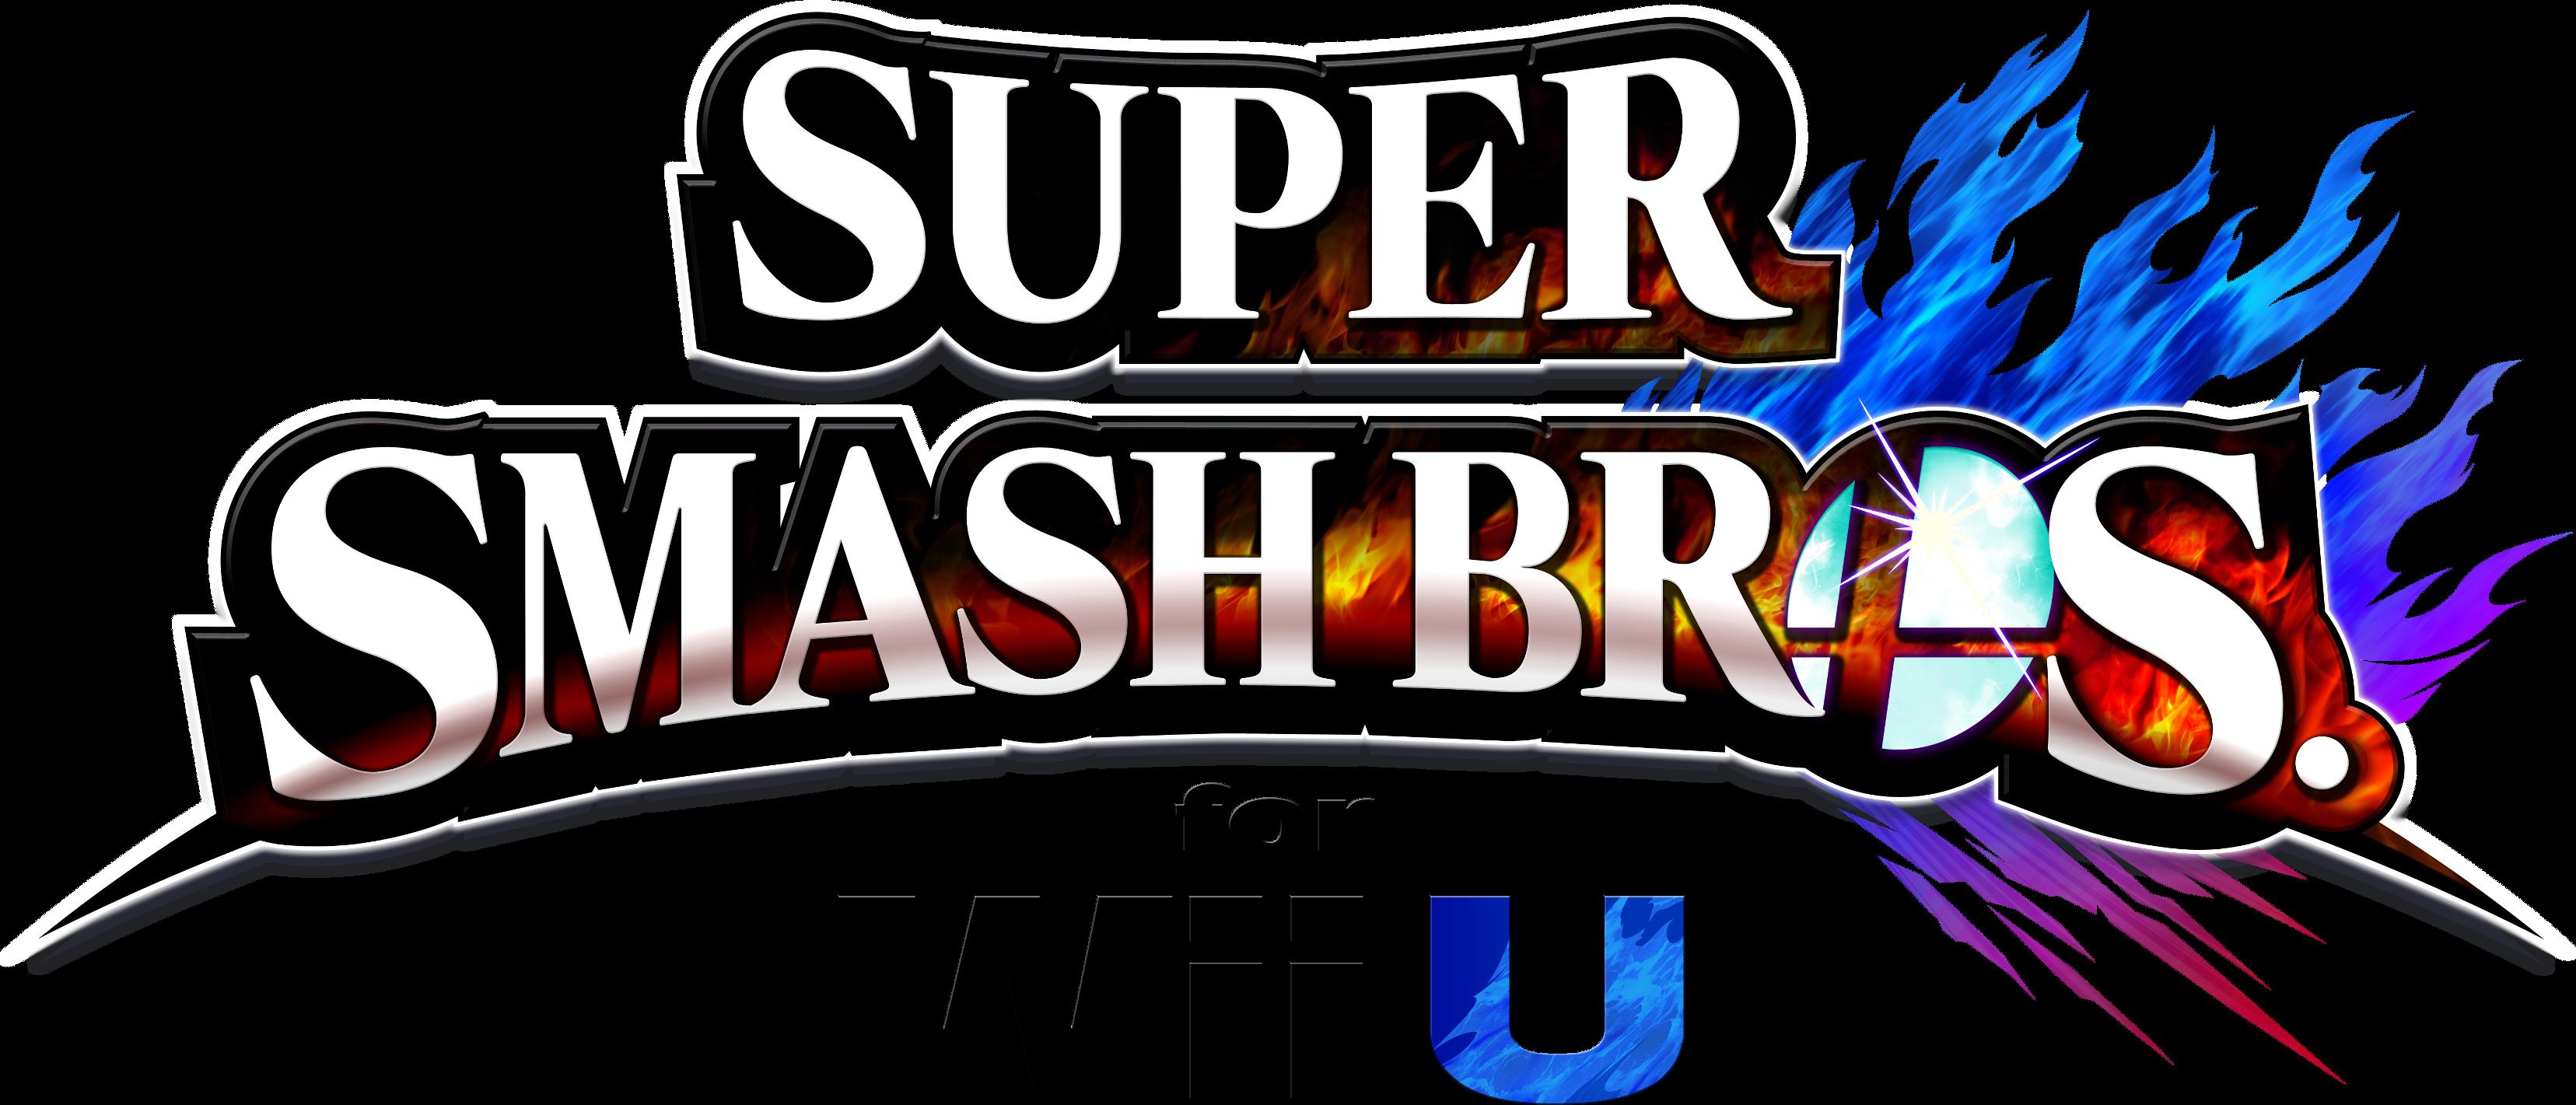 Resultado de imagen de smash bros logo